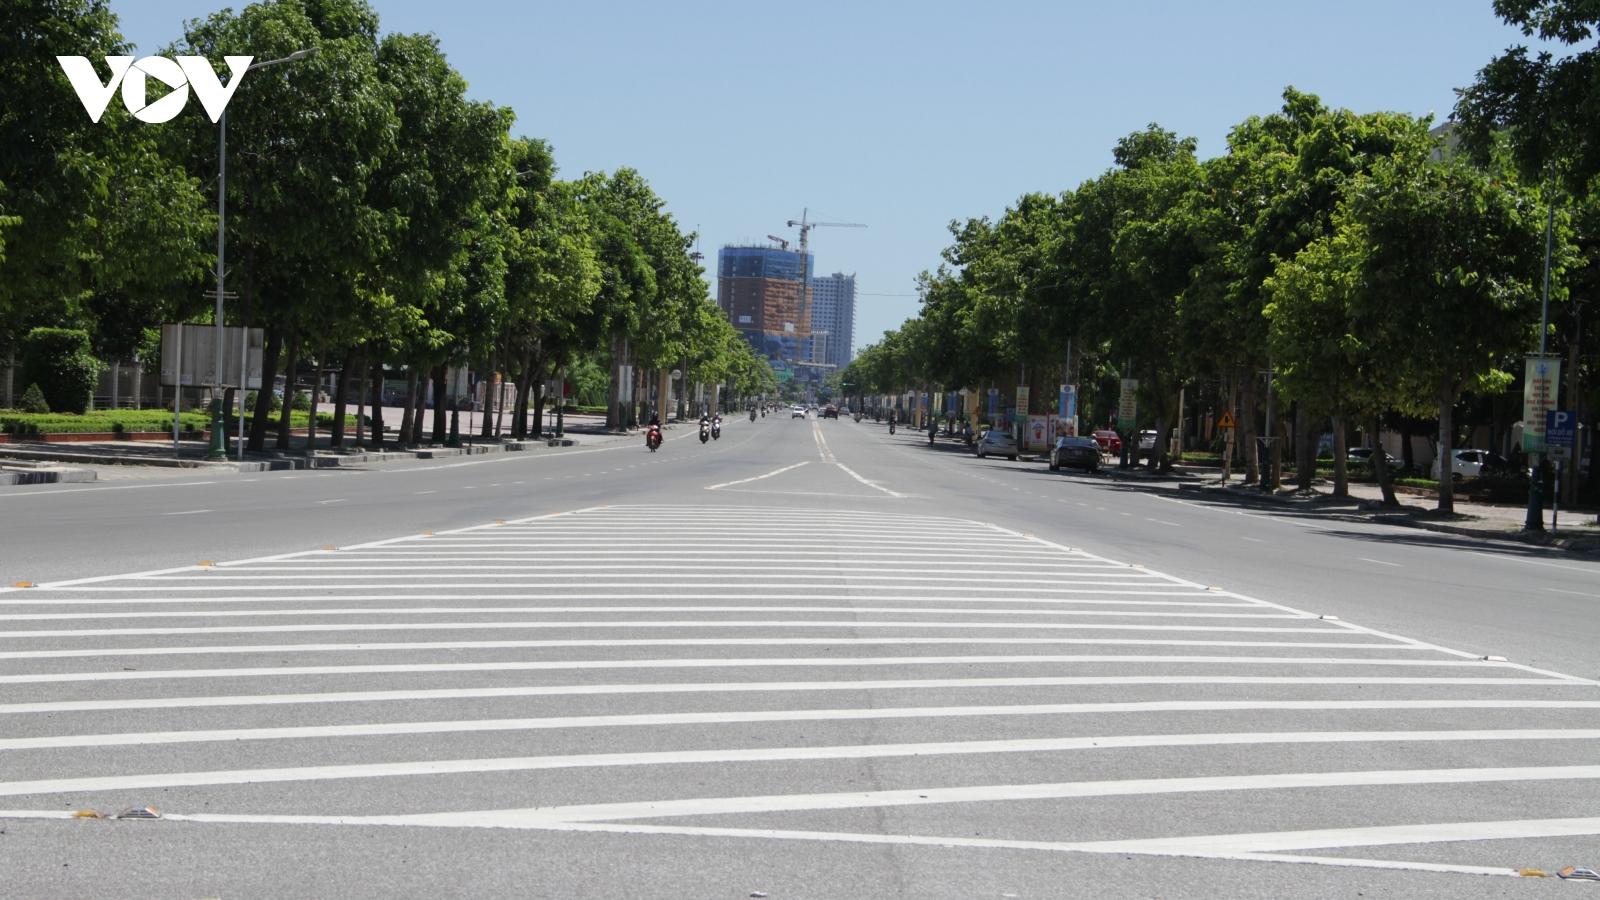 Thành phố hơn nửa triệu dân vắng lặng trong ngày đầu giãn cách xã hội